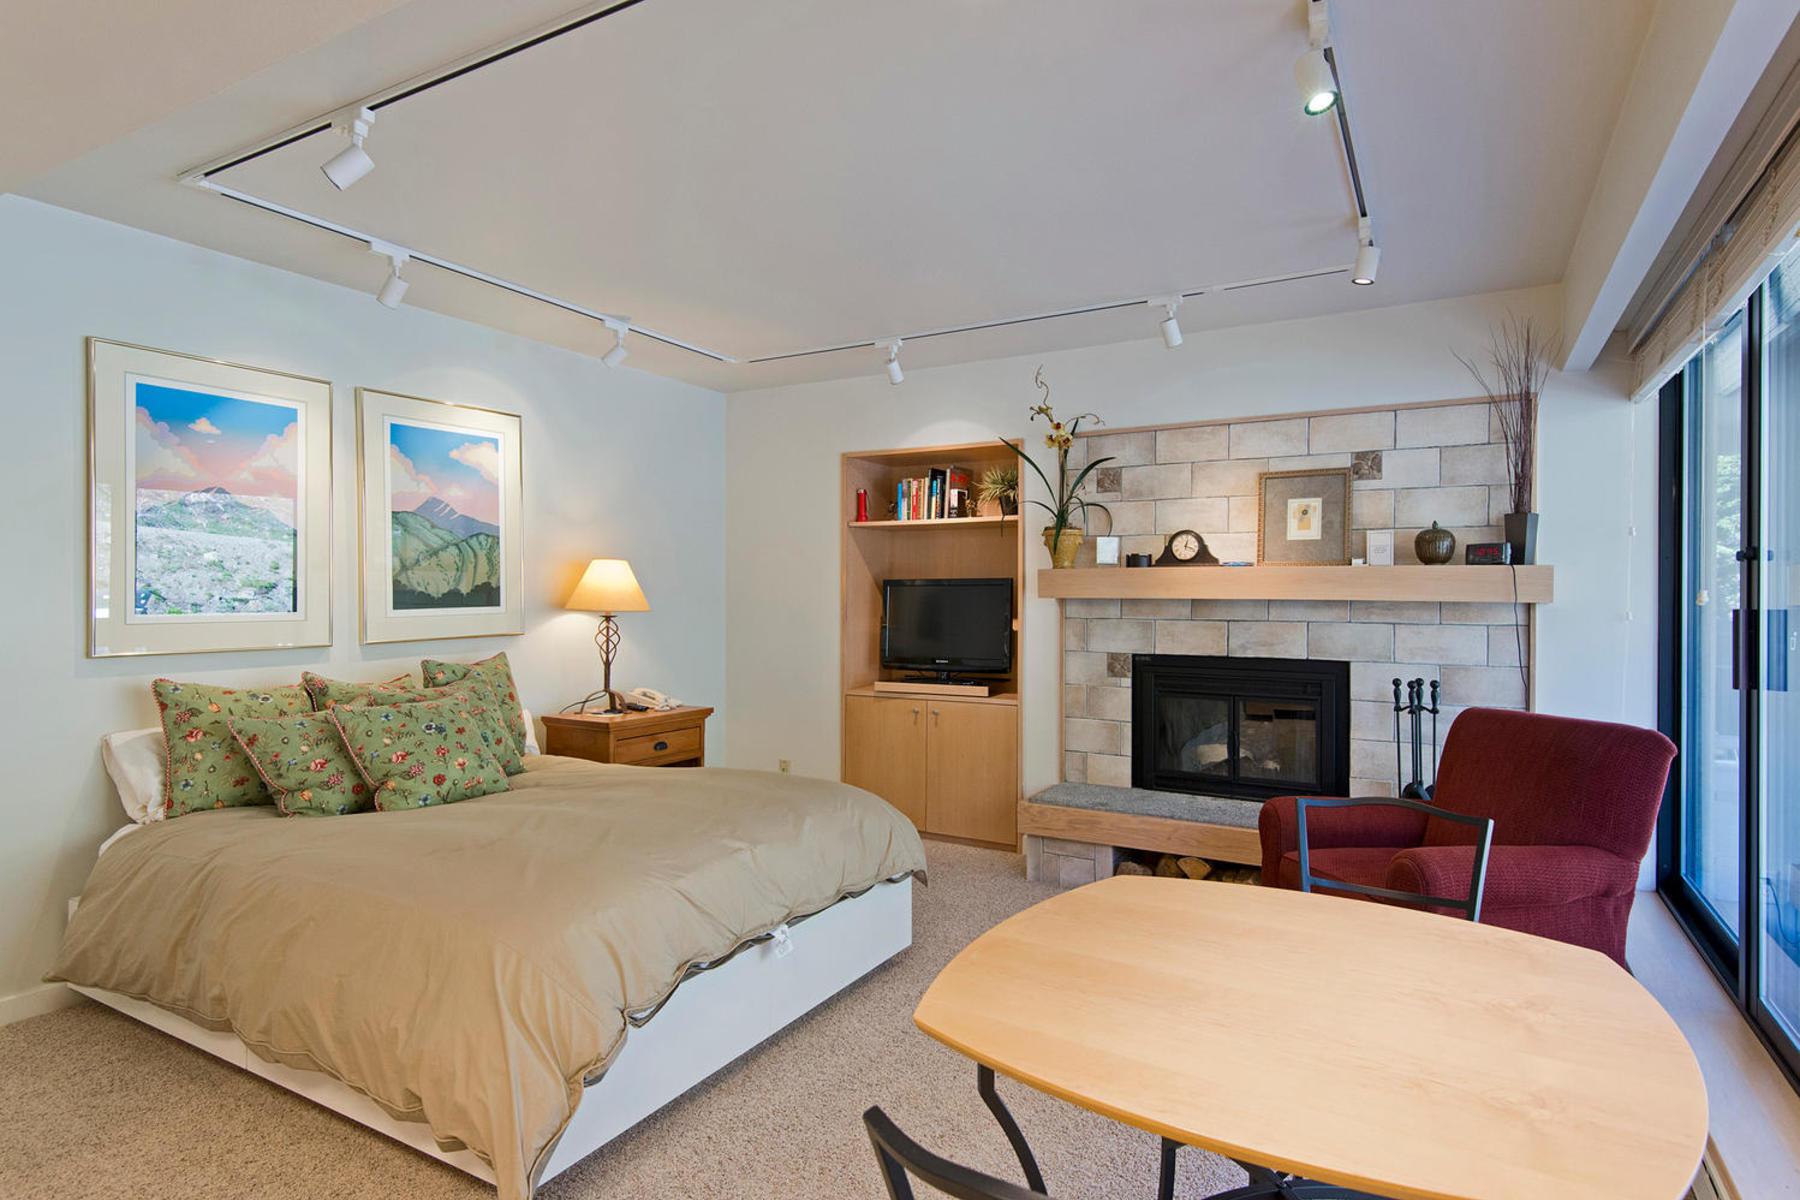 Condomínio para Venda às Darling Snowbird Condo 9202 E Lodge Dr #511 Snowbird, Utah, 84092 Estados Unidos